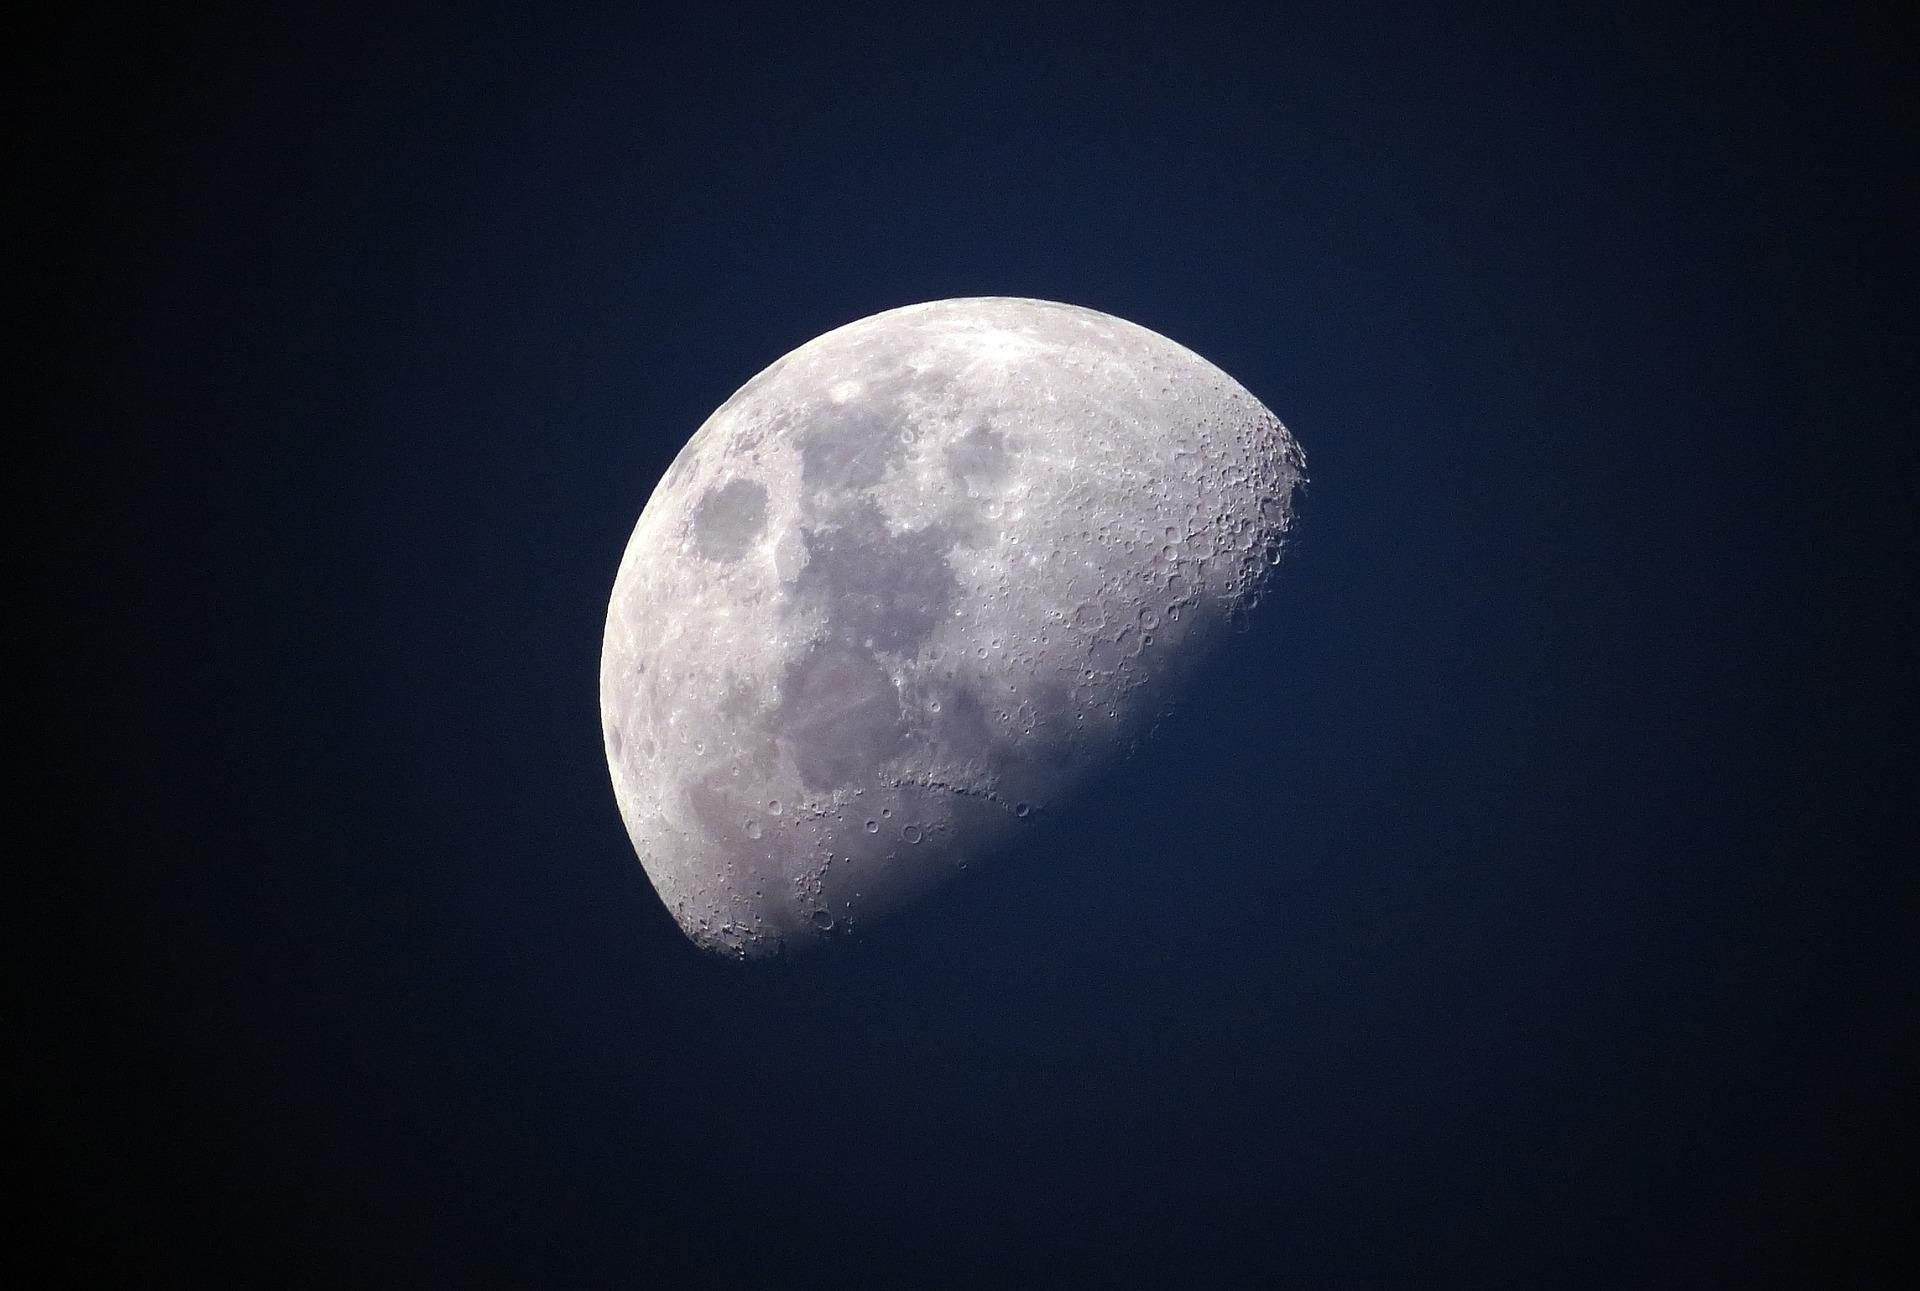 Bilim insanları Ay'ın aslında 100 milyon yıl daha yaşlı olduğunu açıkladı